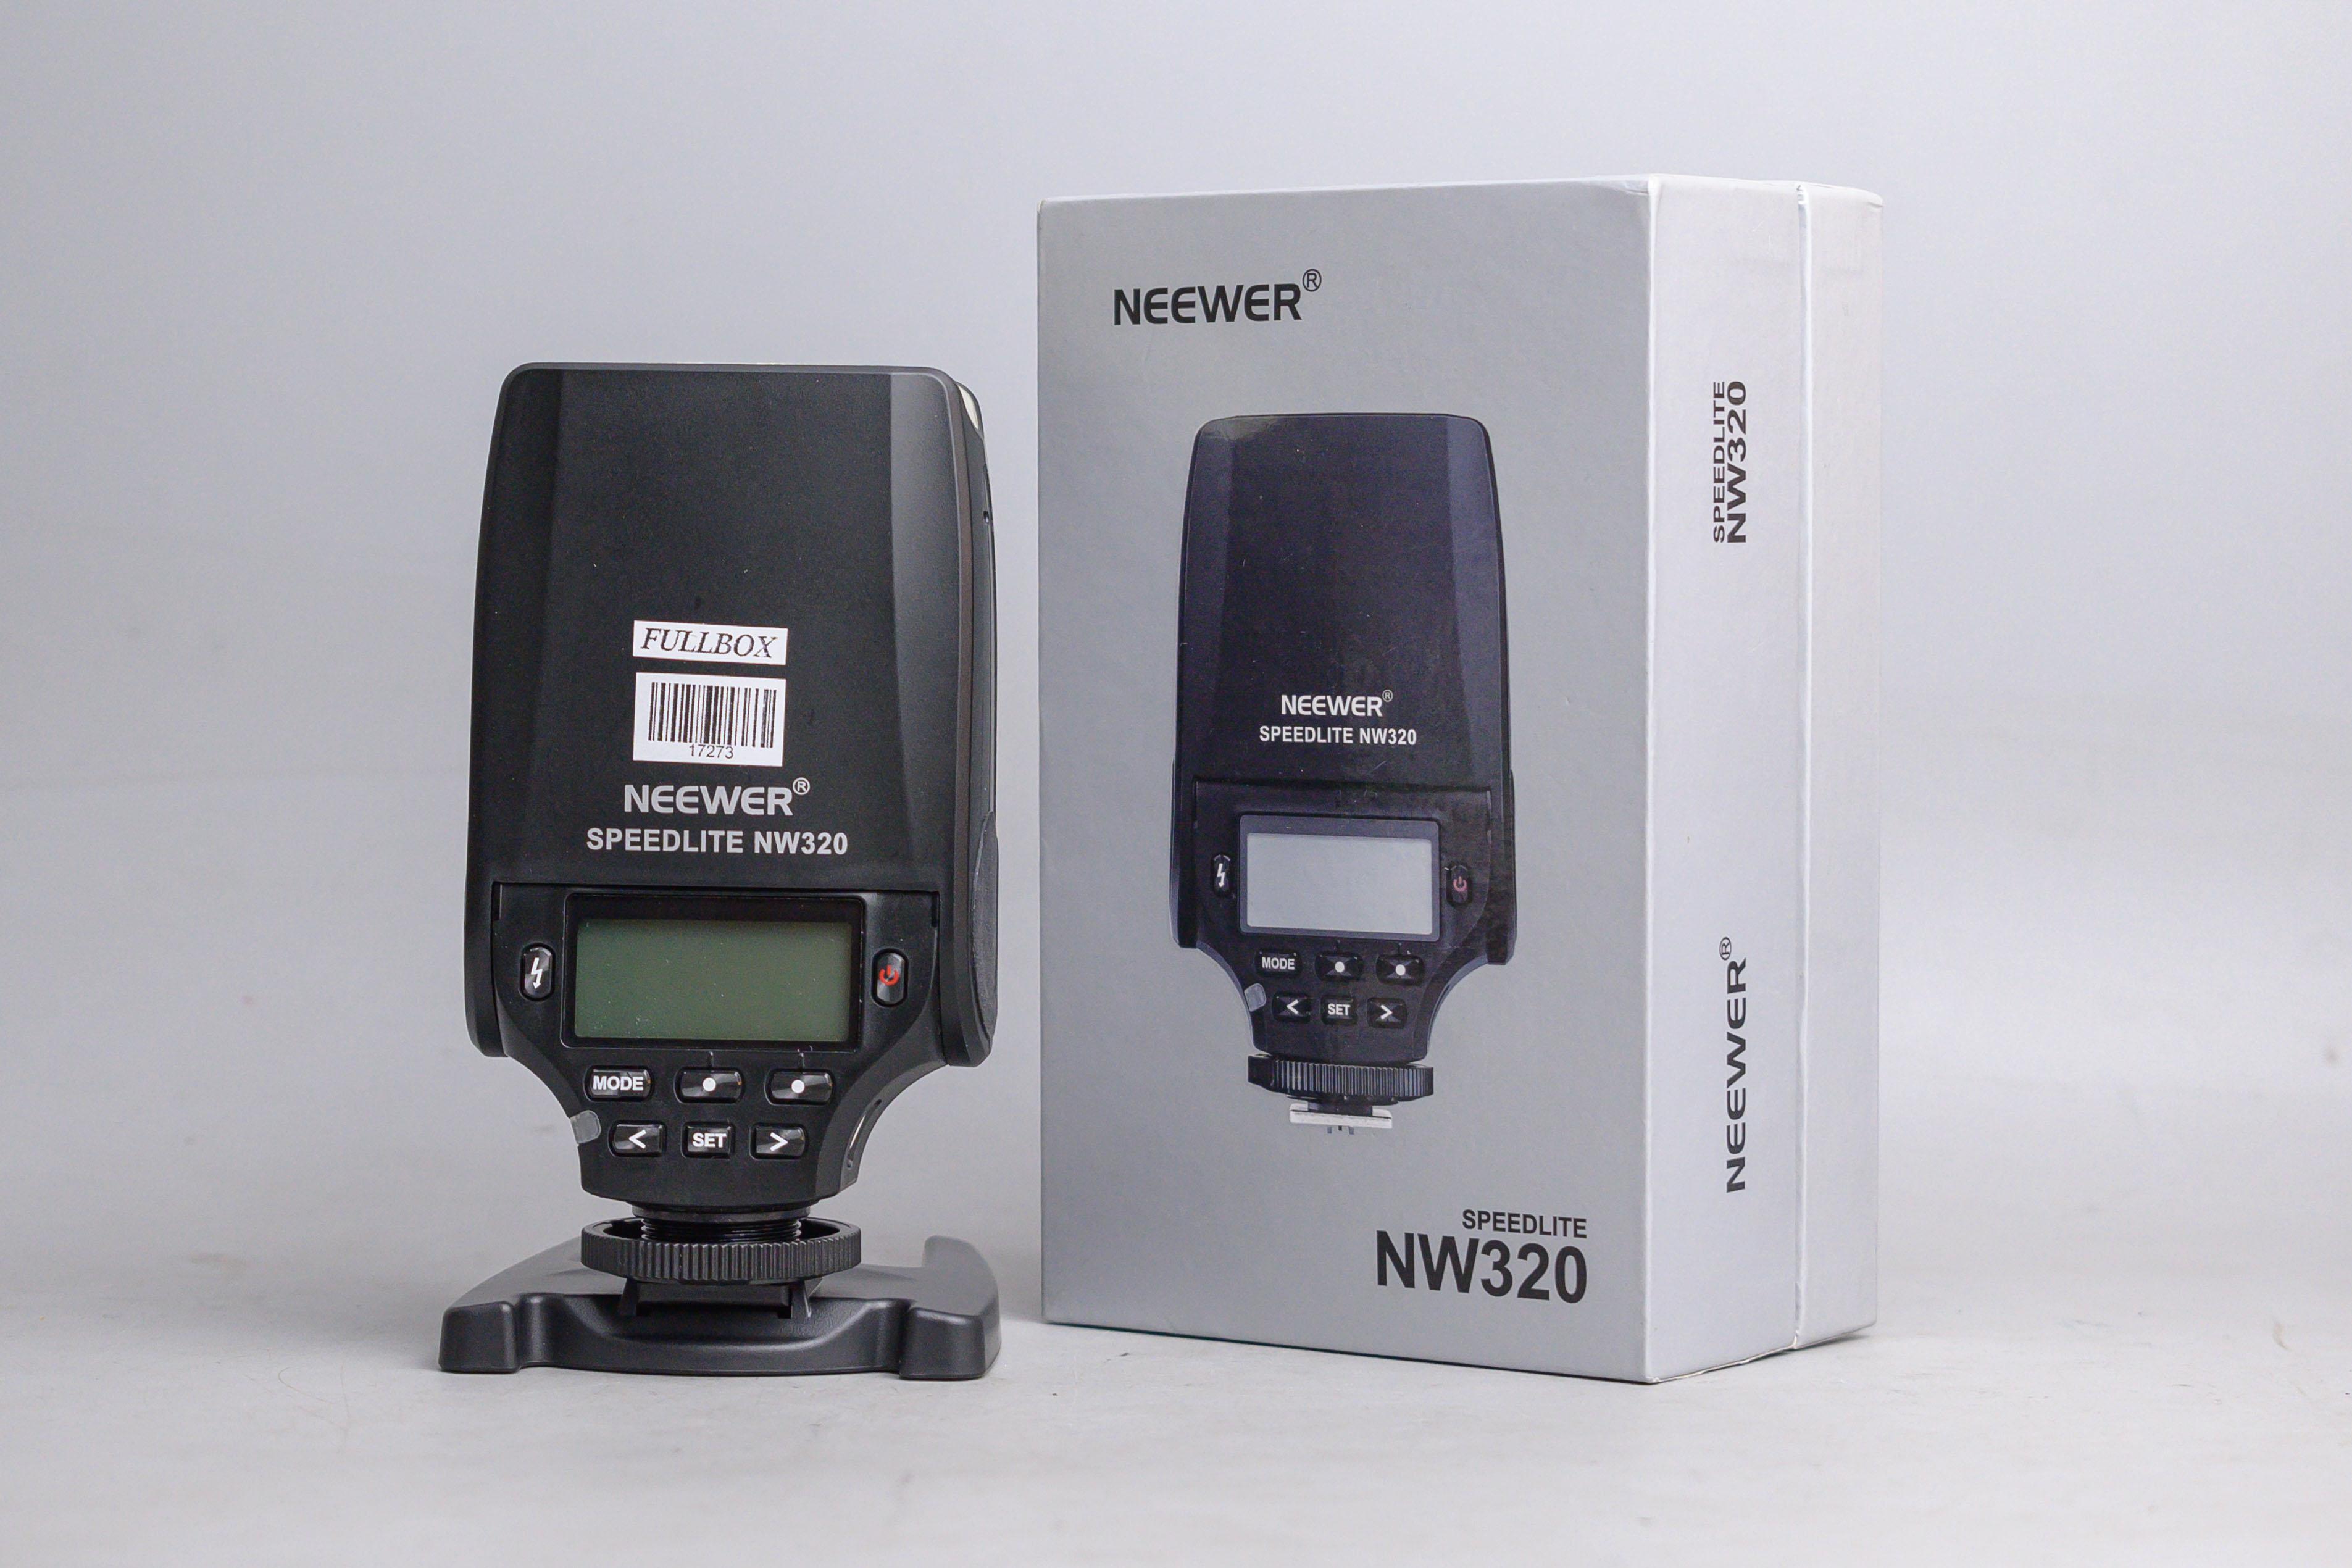 flash-neewer-speedlite-nw320-for-sony-fullbox-likenew-17273